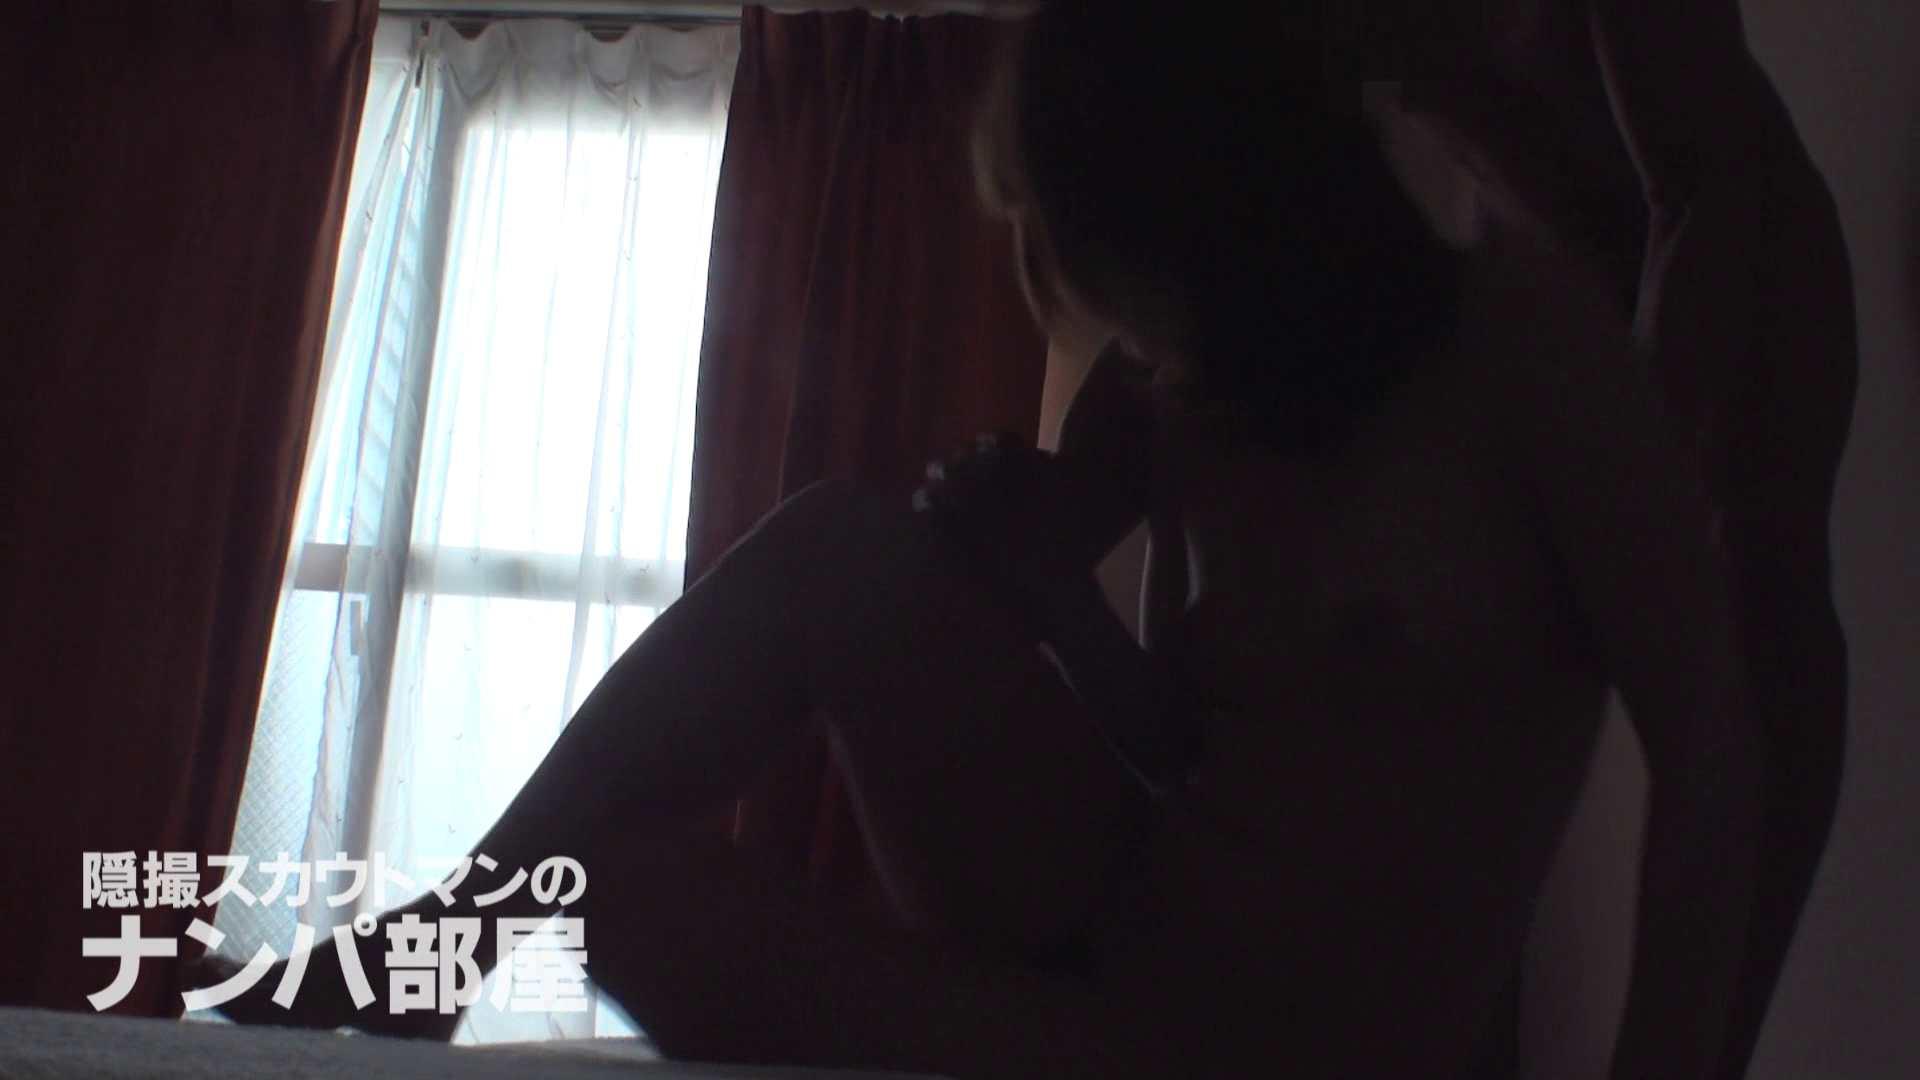 隠撮スカウトマンのナンパ部屋~風俗デビュー前のつまみ食い~ siivol.4 OLのエッチ 盗撮画像 91pic 52